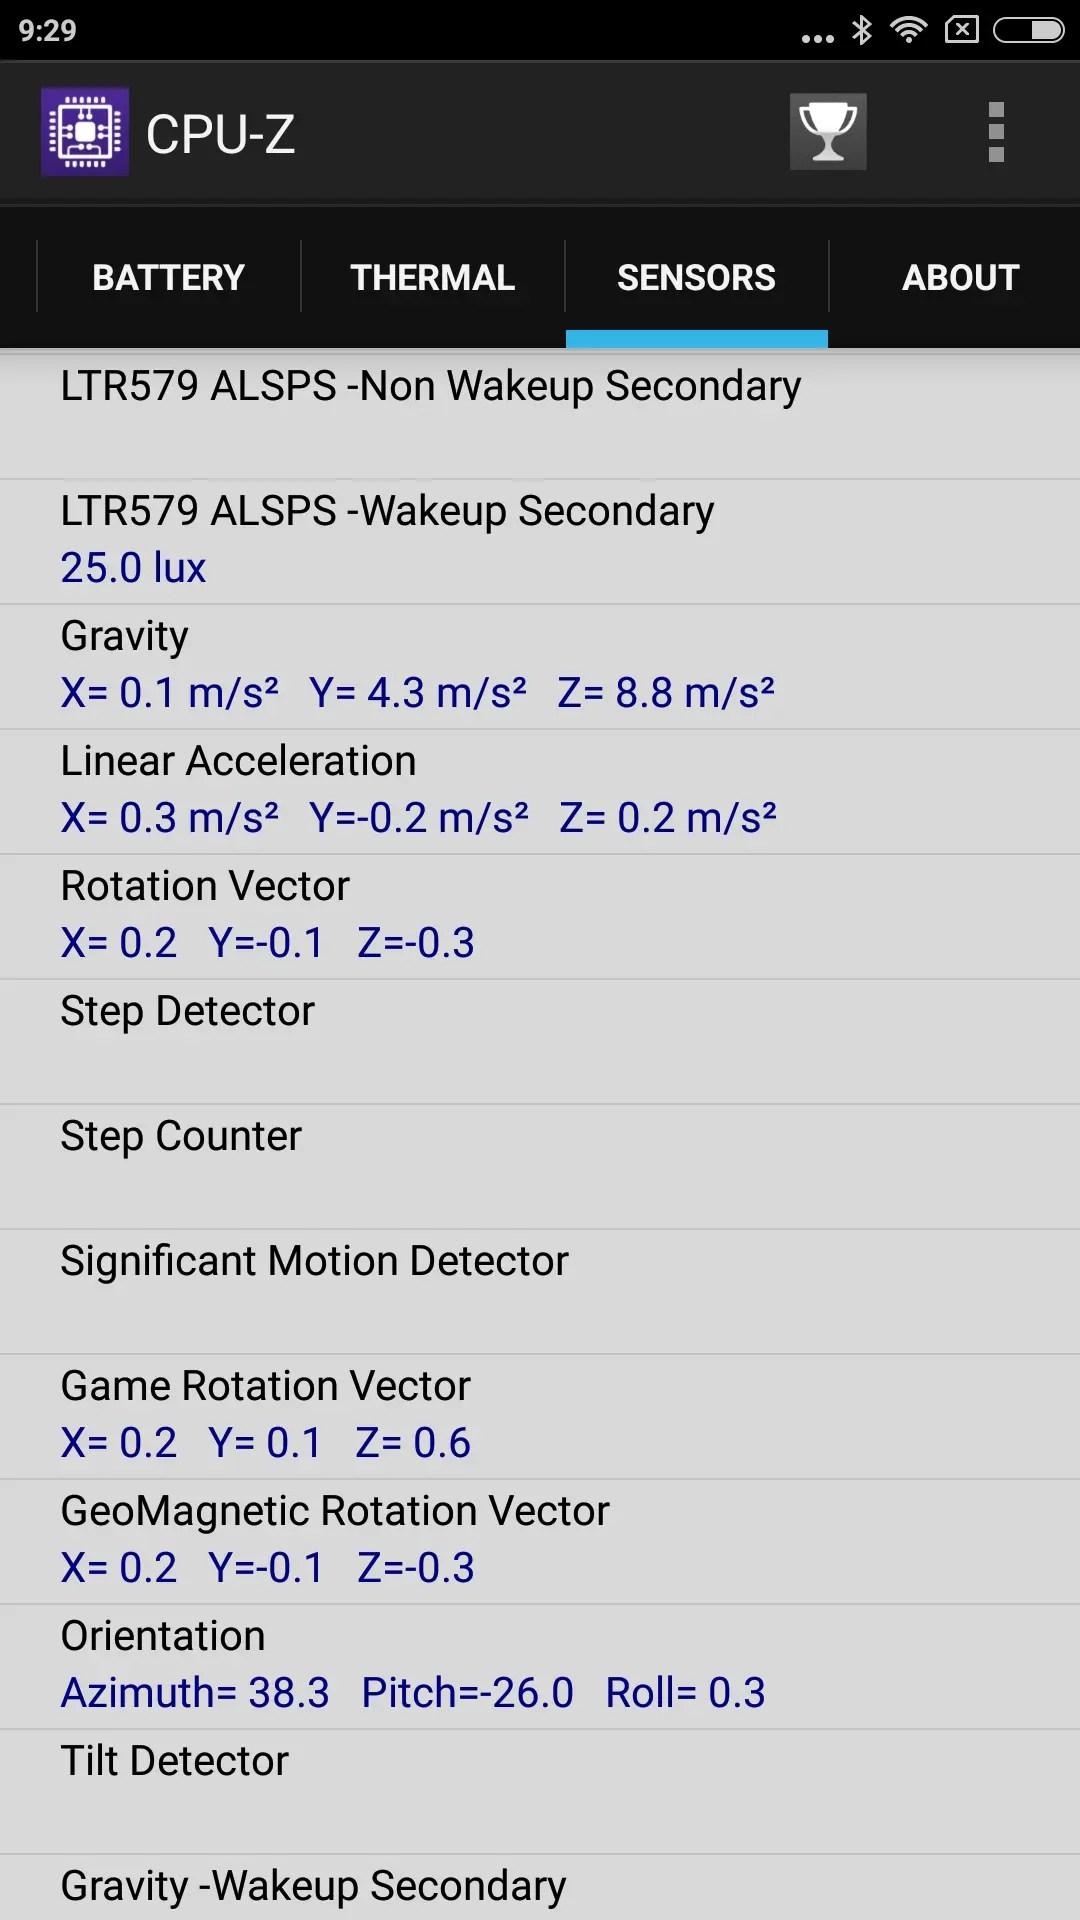 Xiaomi Redmi Note 4X CPU-Z Sensors 2